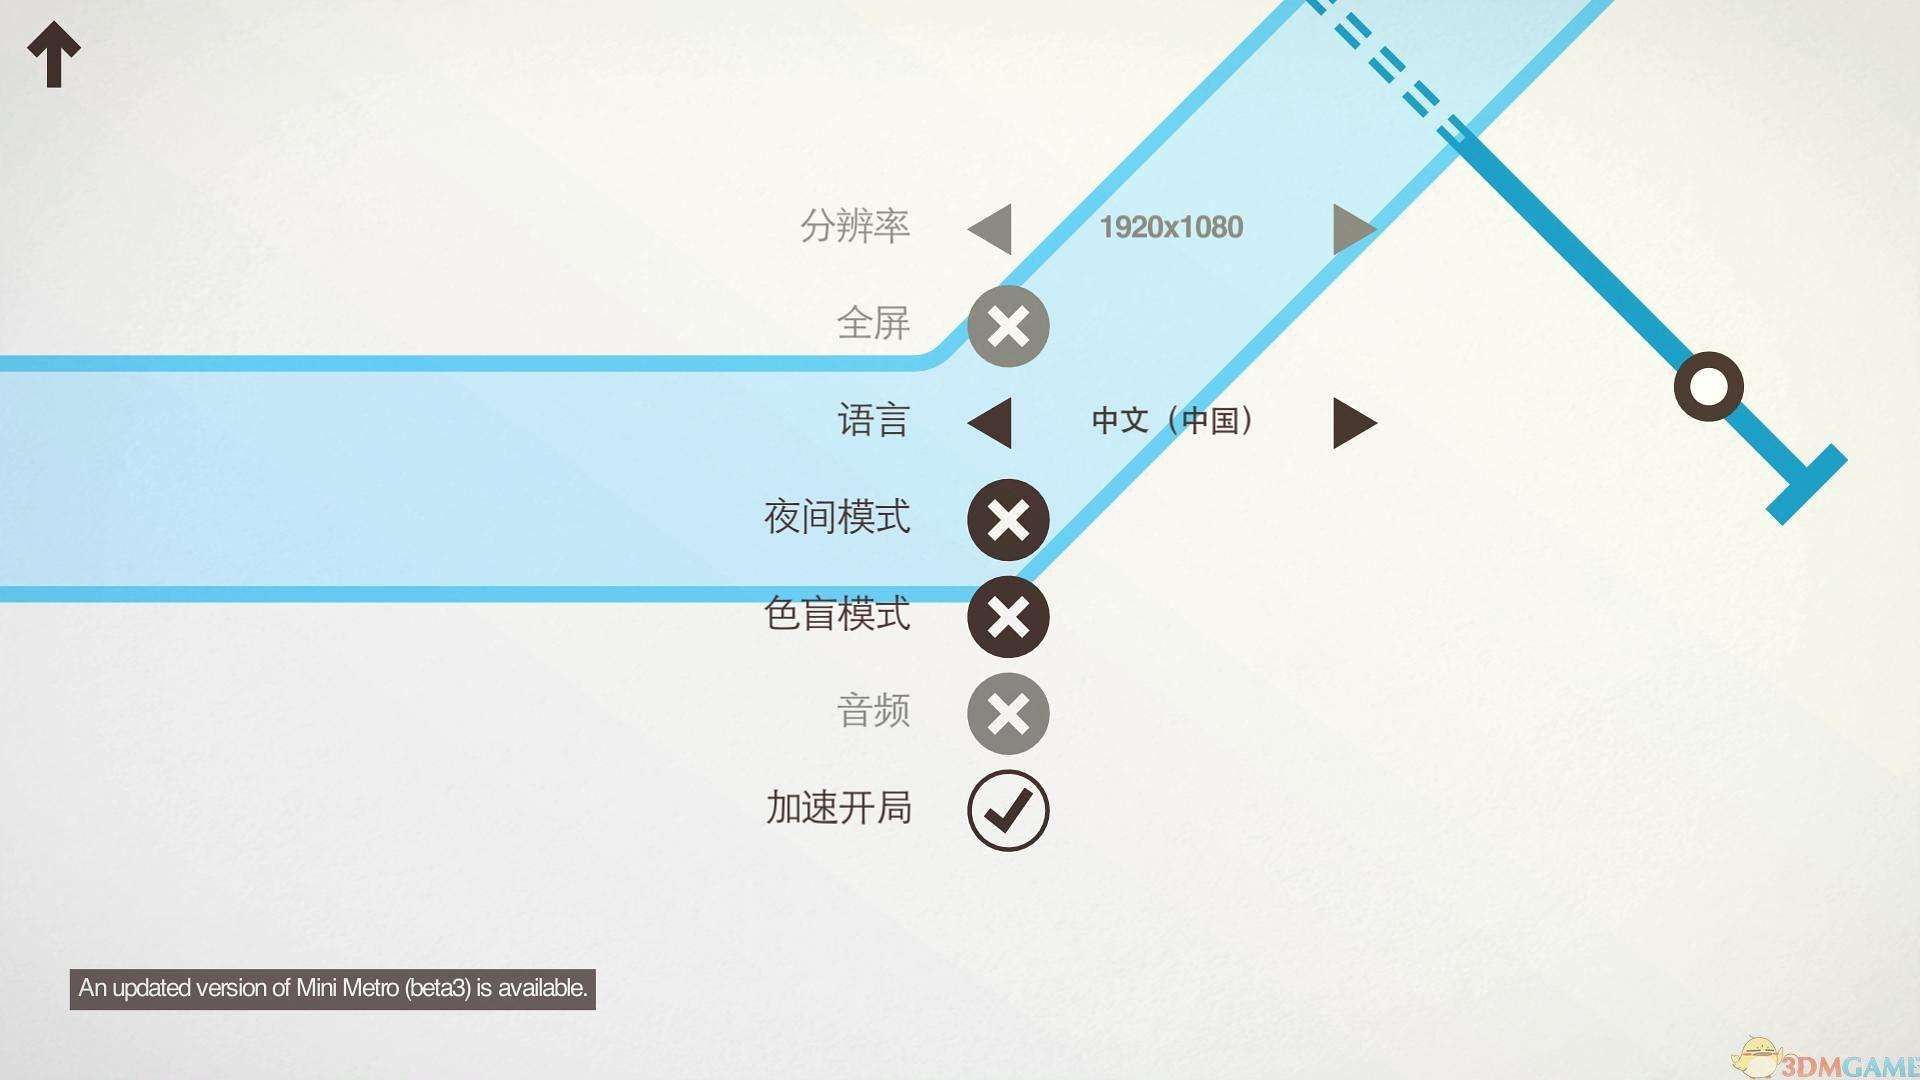 《迷你地铁/Mini Metro》v48免安装中文版